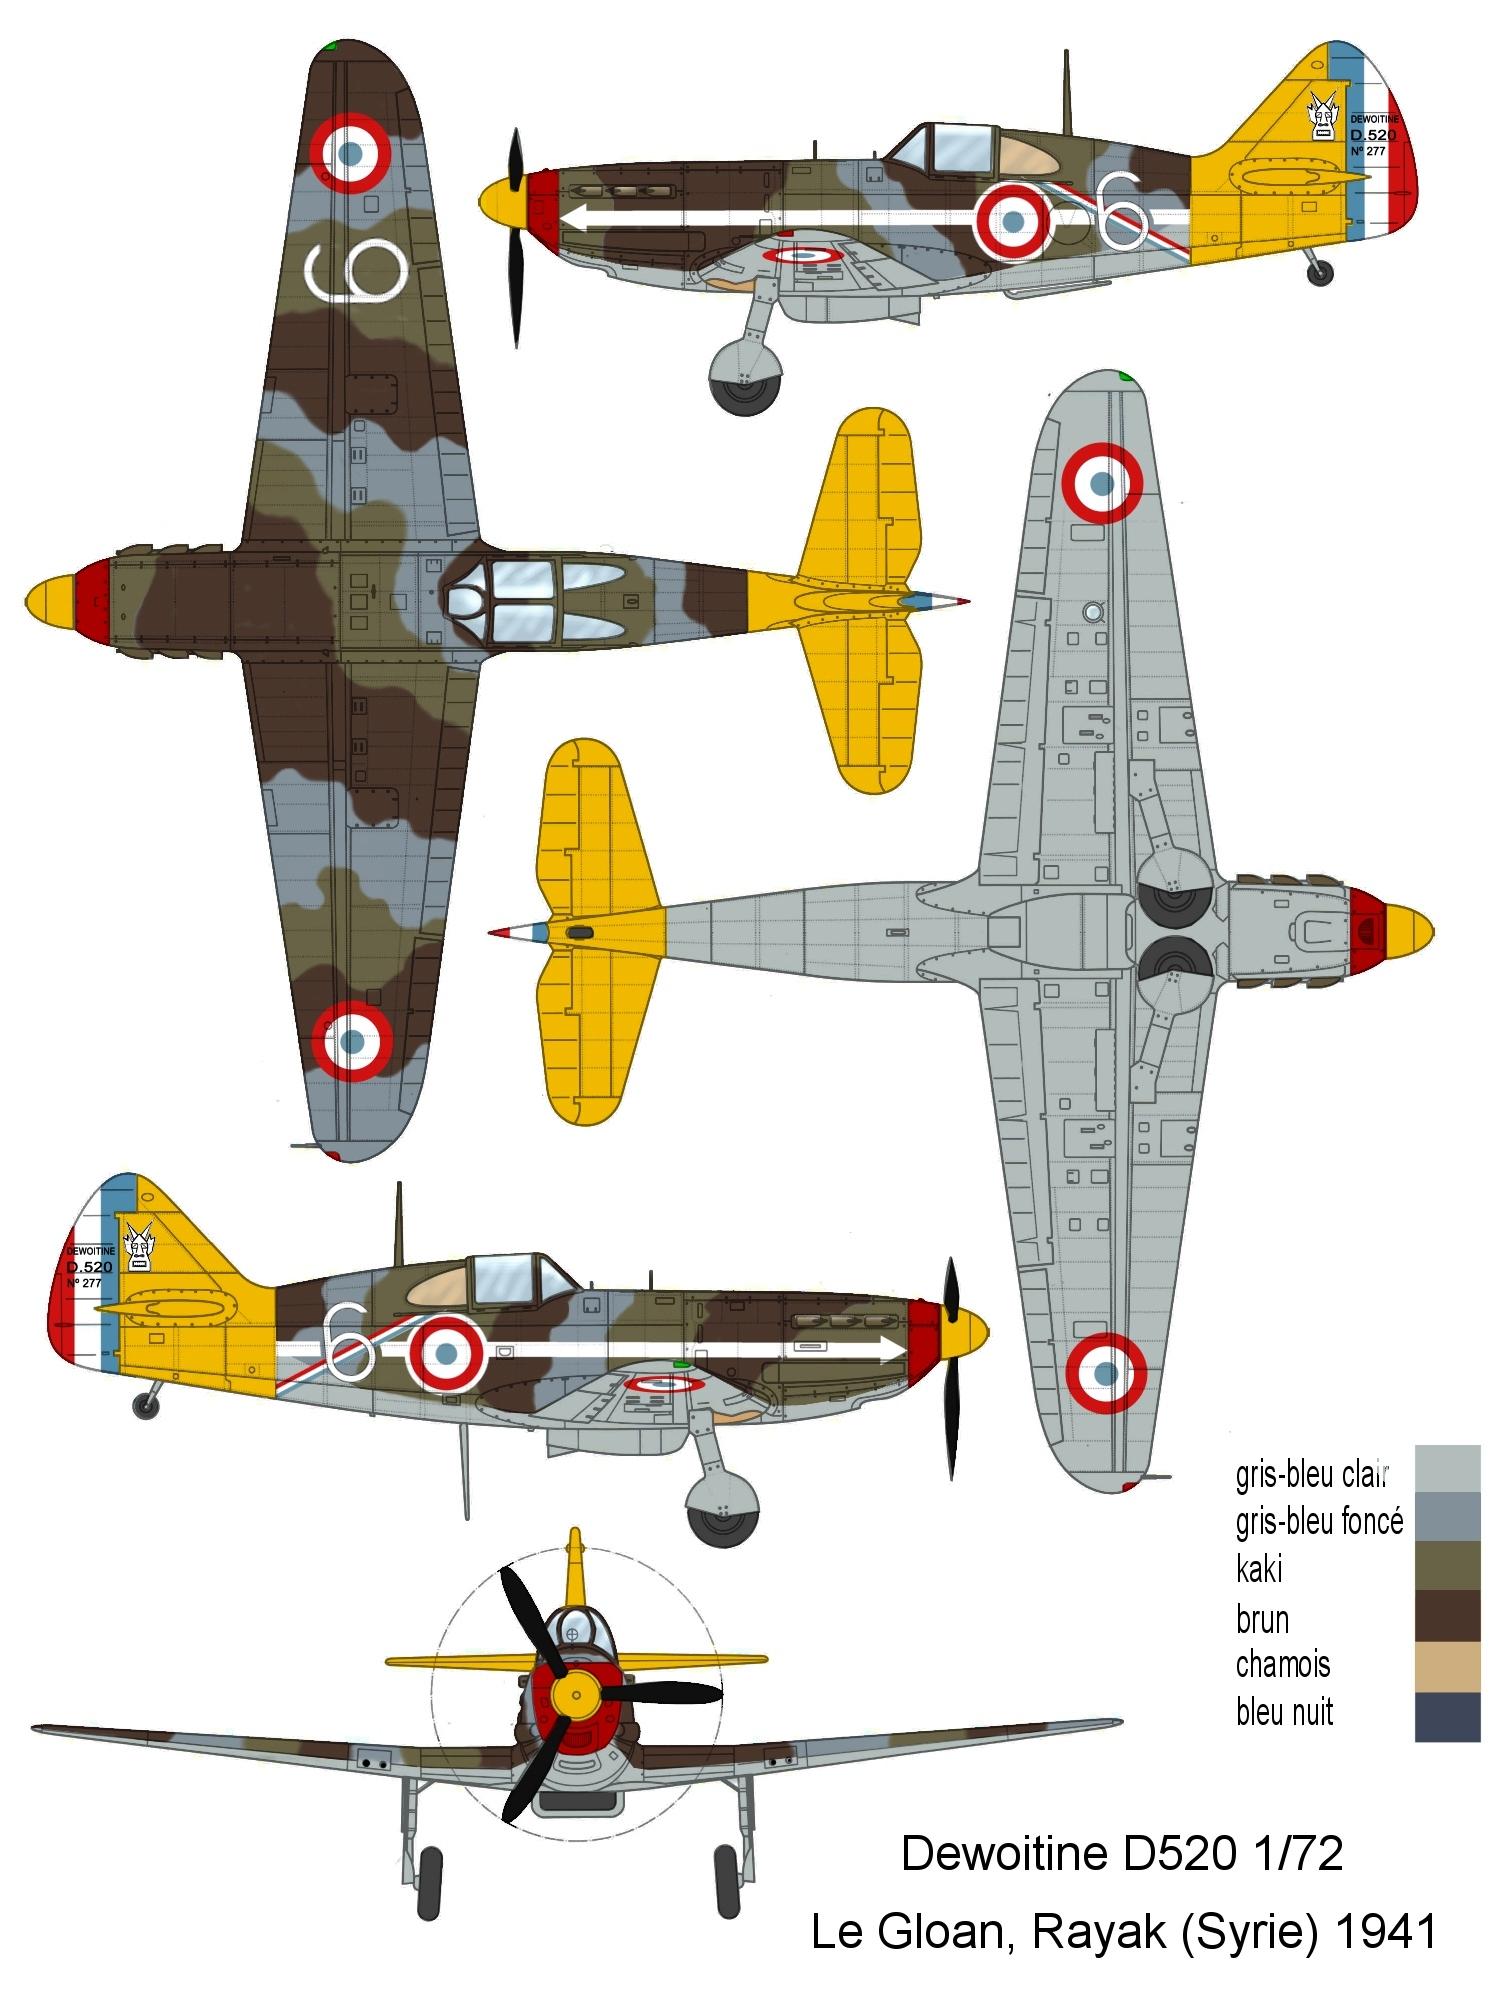 Montage: Dewoitine D520 Vichy en Syrie D520_c18